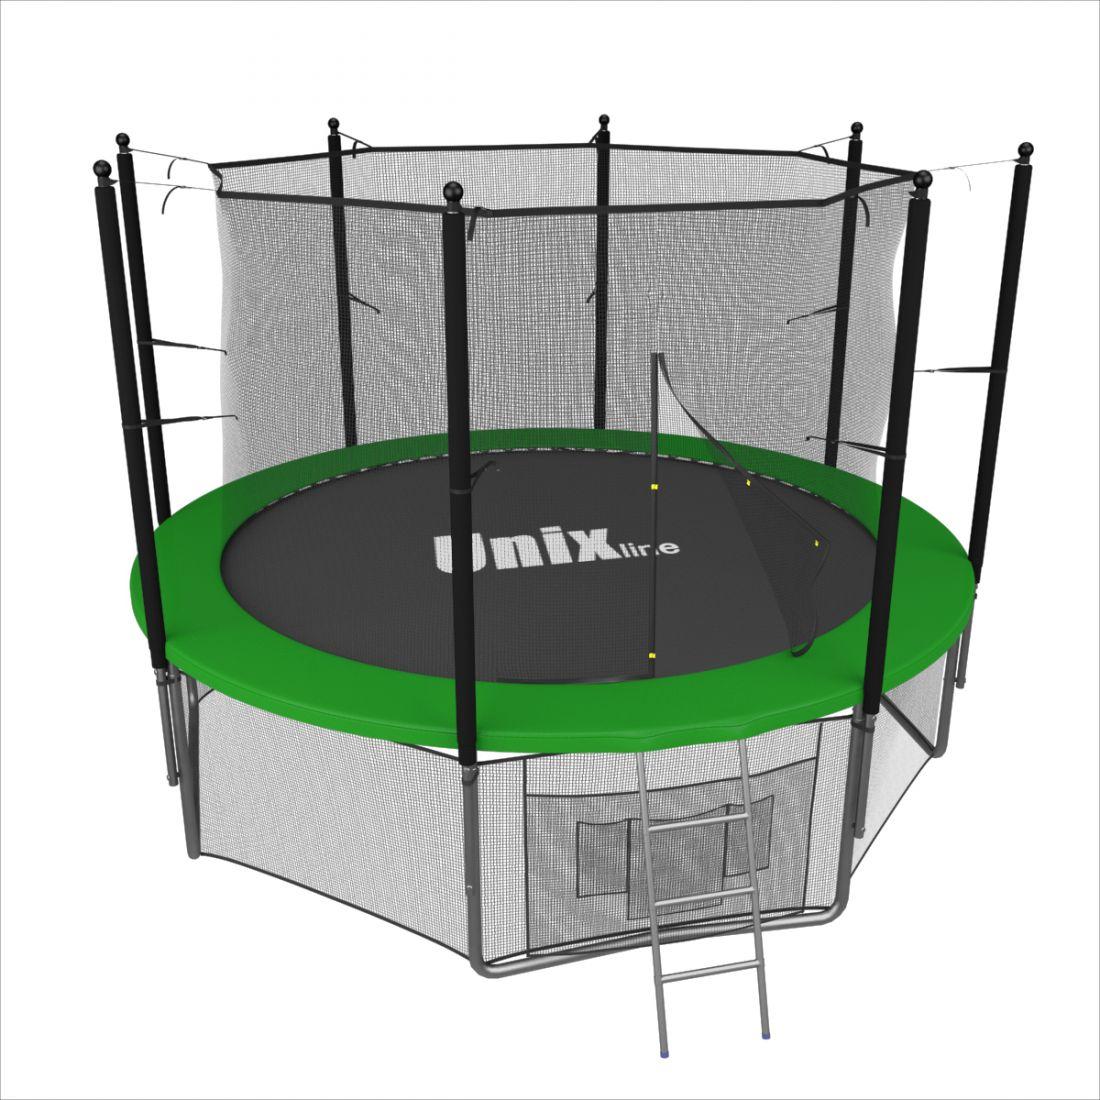 Батут с внутренней защитной сеткой - Unix Line 8FT (2,44м), цвет зеленый